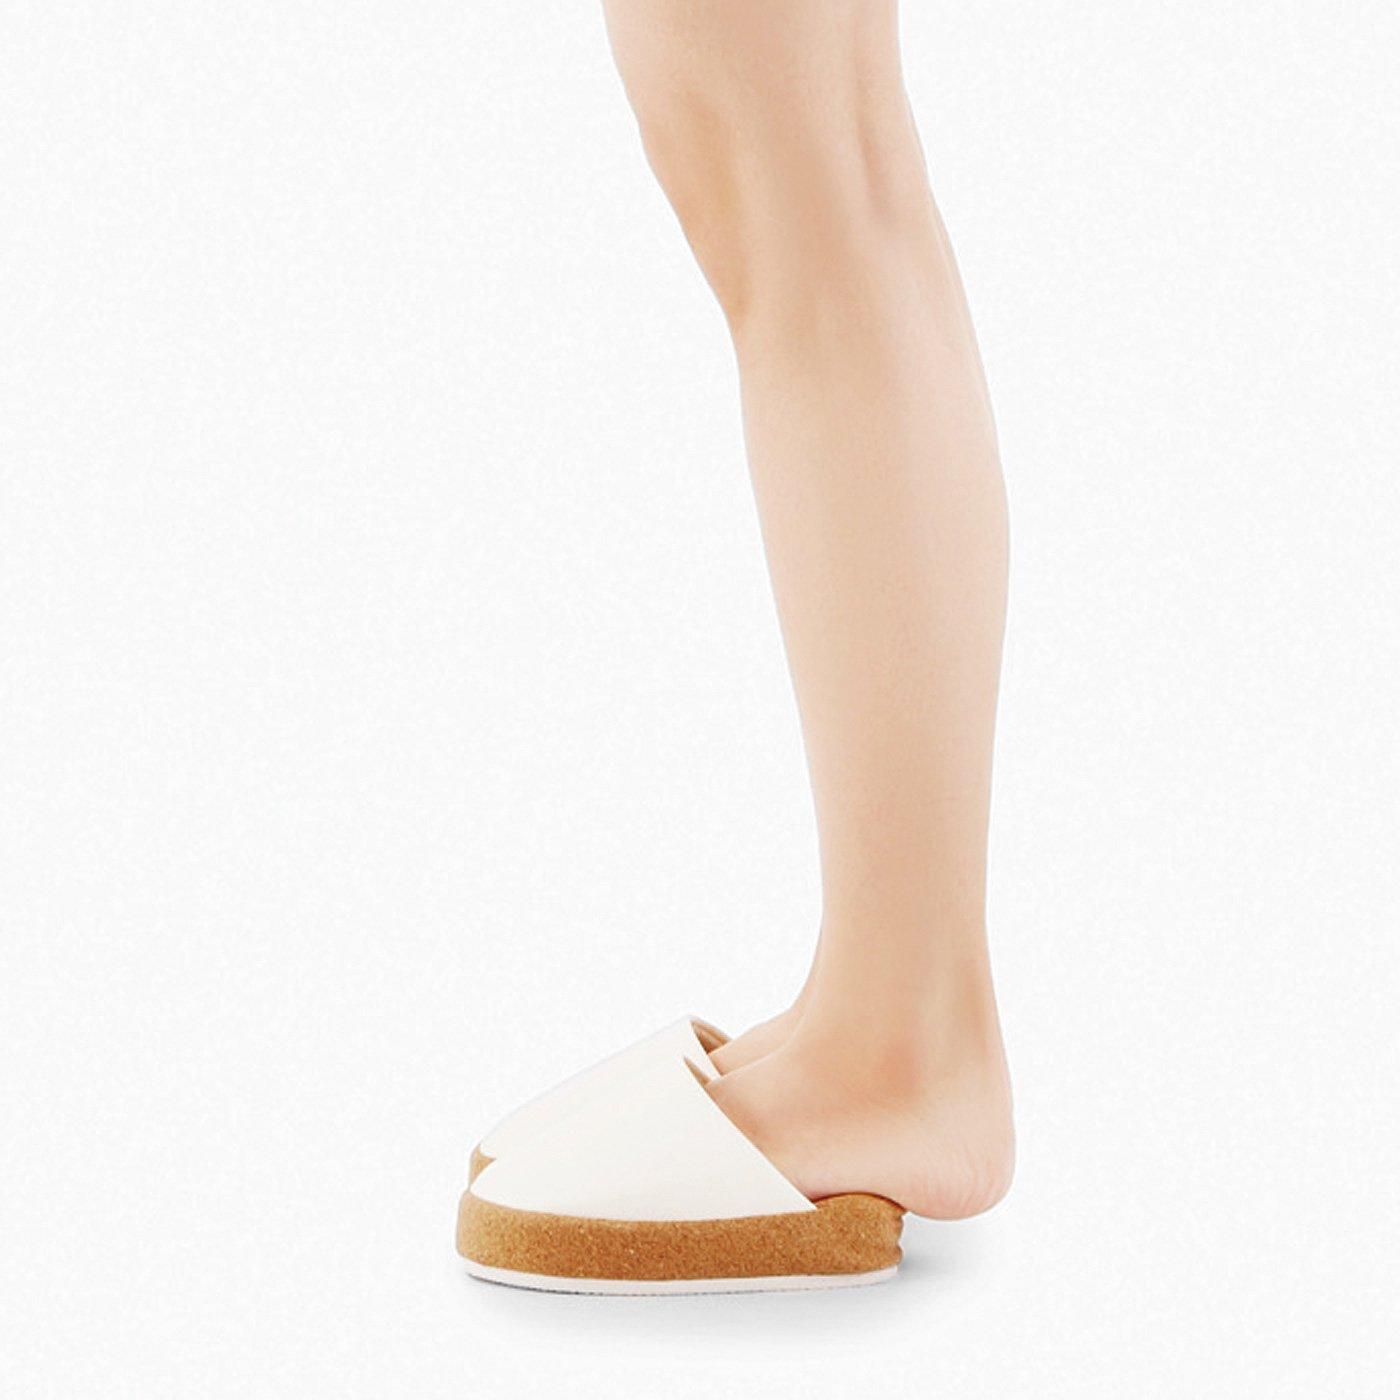 ウエスト・おしり・脚を意識! 青竹踏みで心地よく刺激 スラっとつま先立ちできるスリッパ〈ホワイト〉